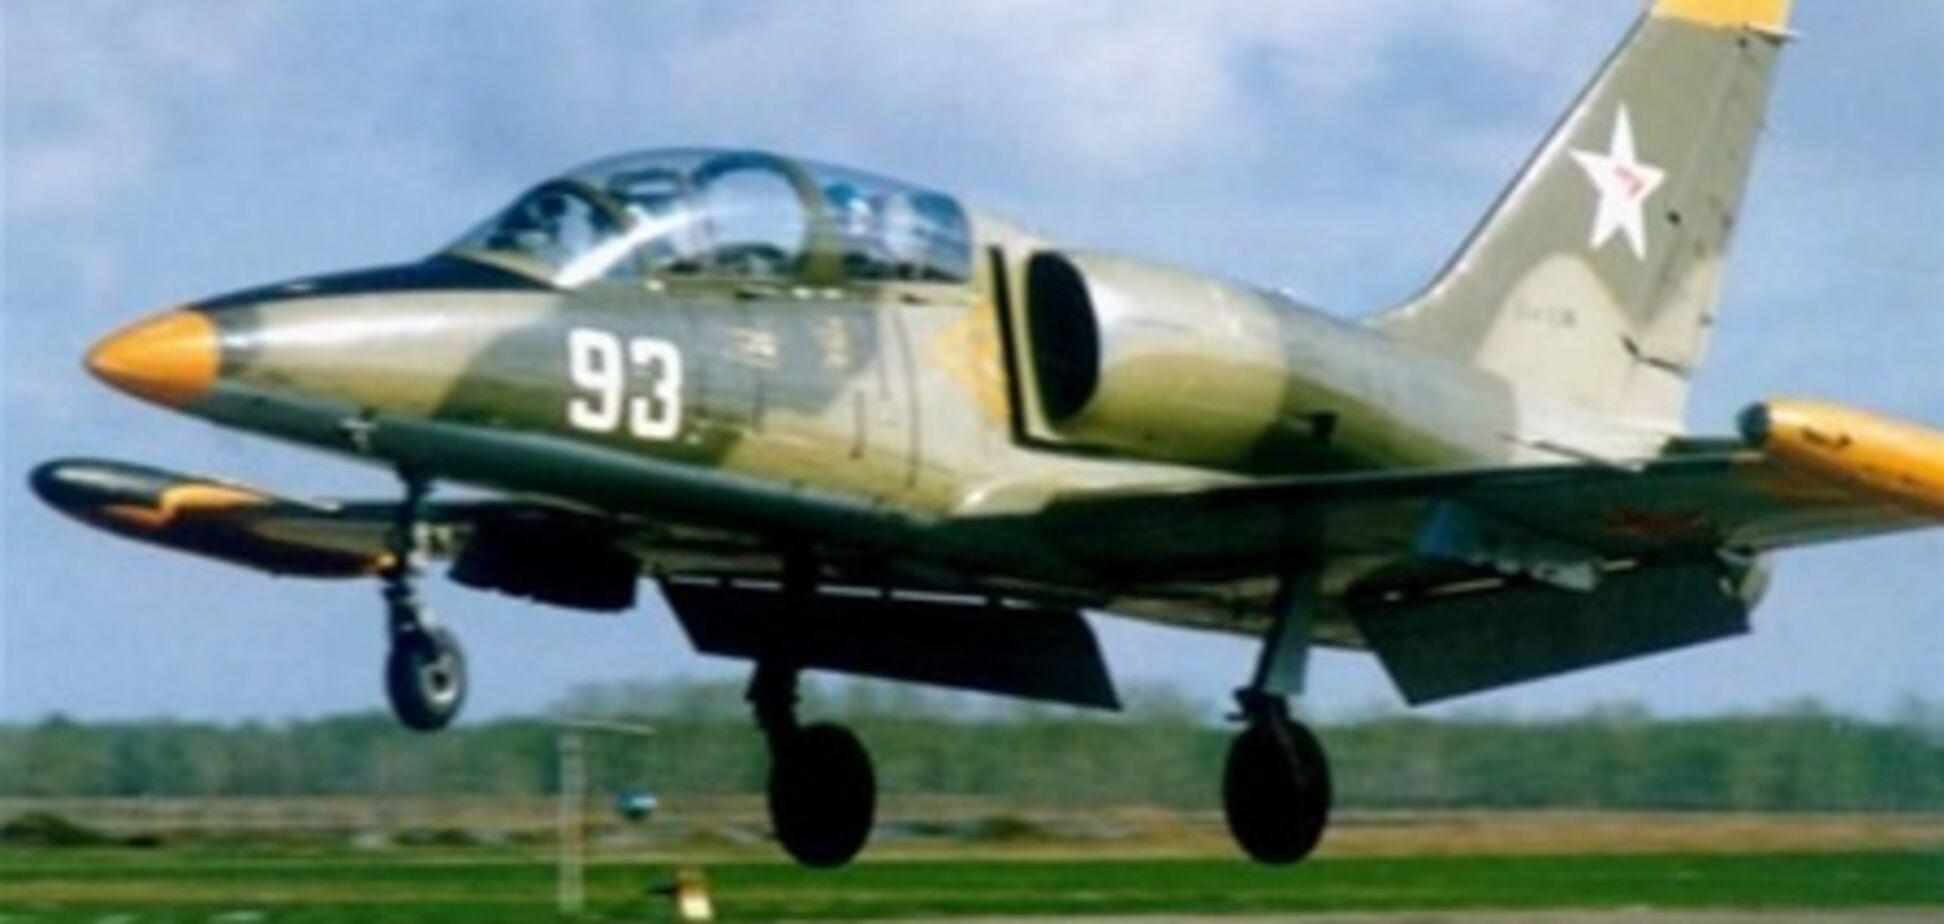 Обнародованы версии авиакатастрофы на Харьковщине